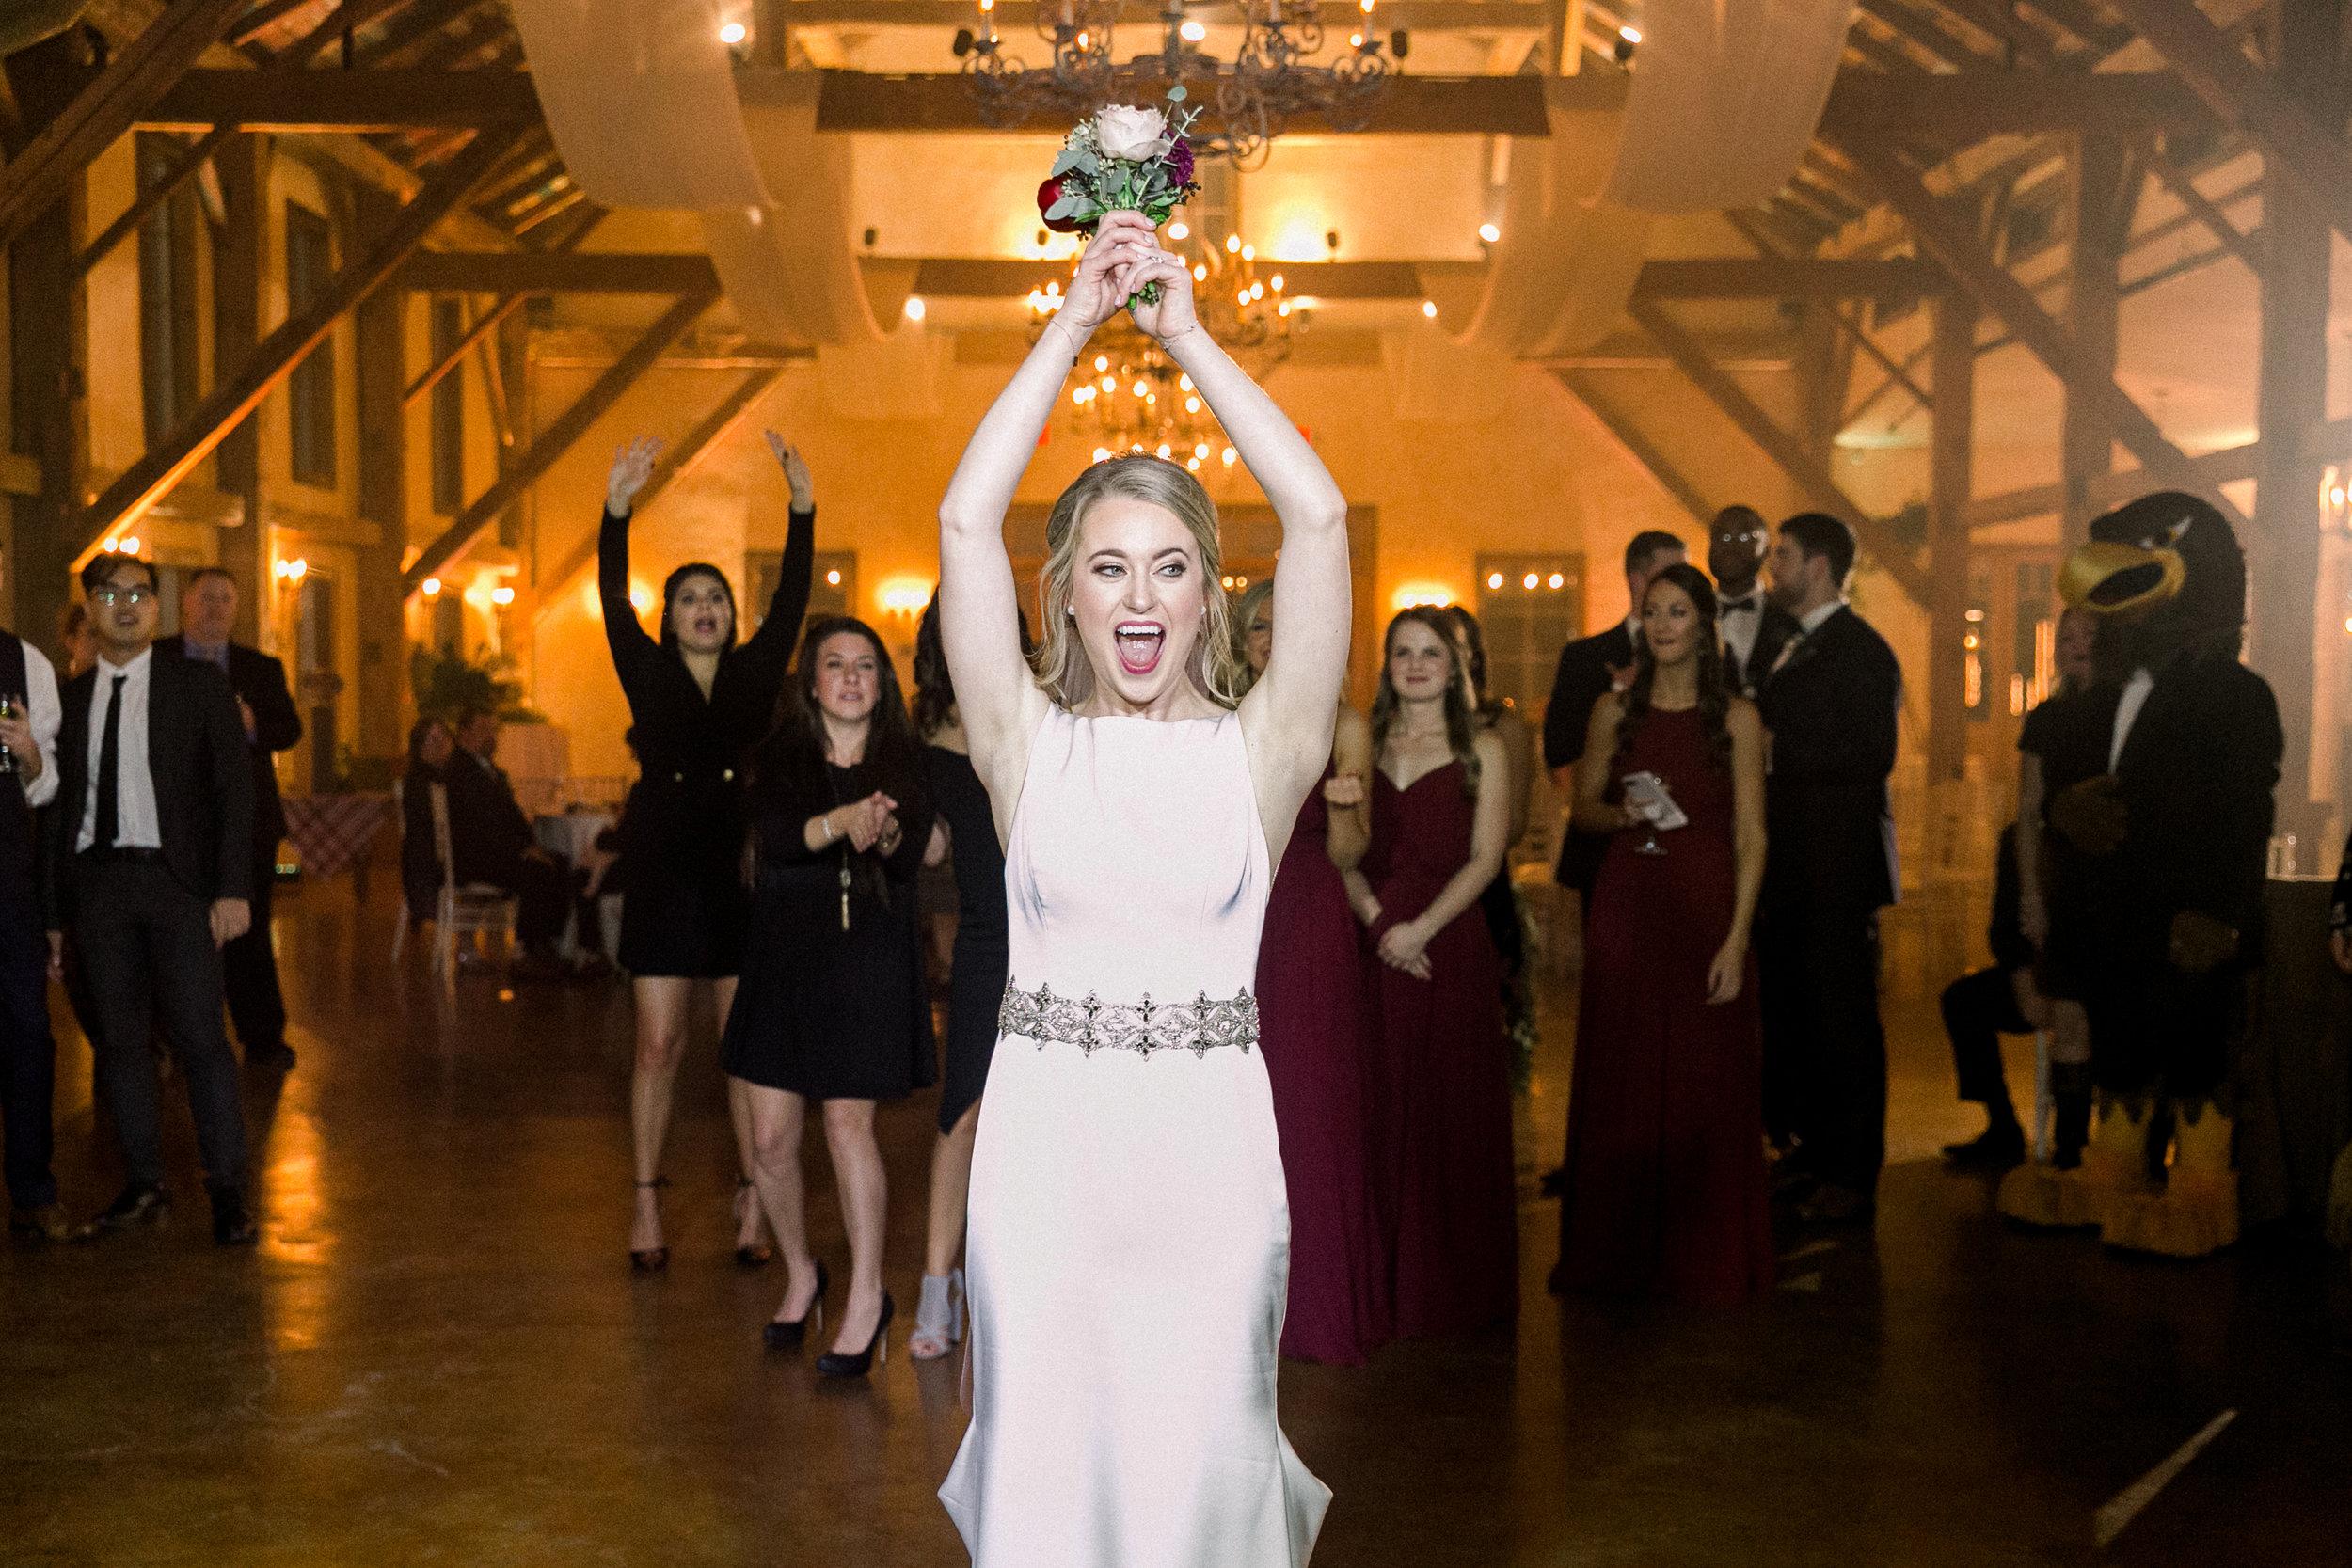 728_Rachel & Drew Wedding__Recptn_Lindsay Ott Photog_2018.jpg